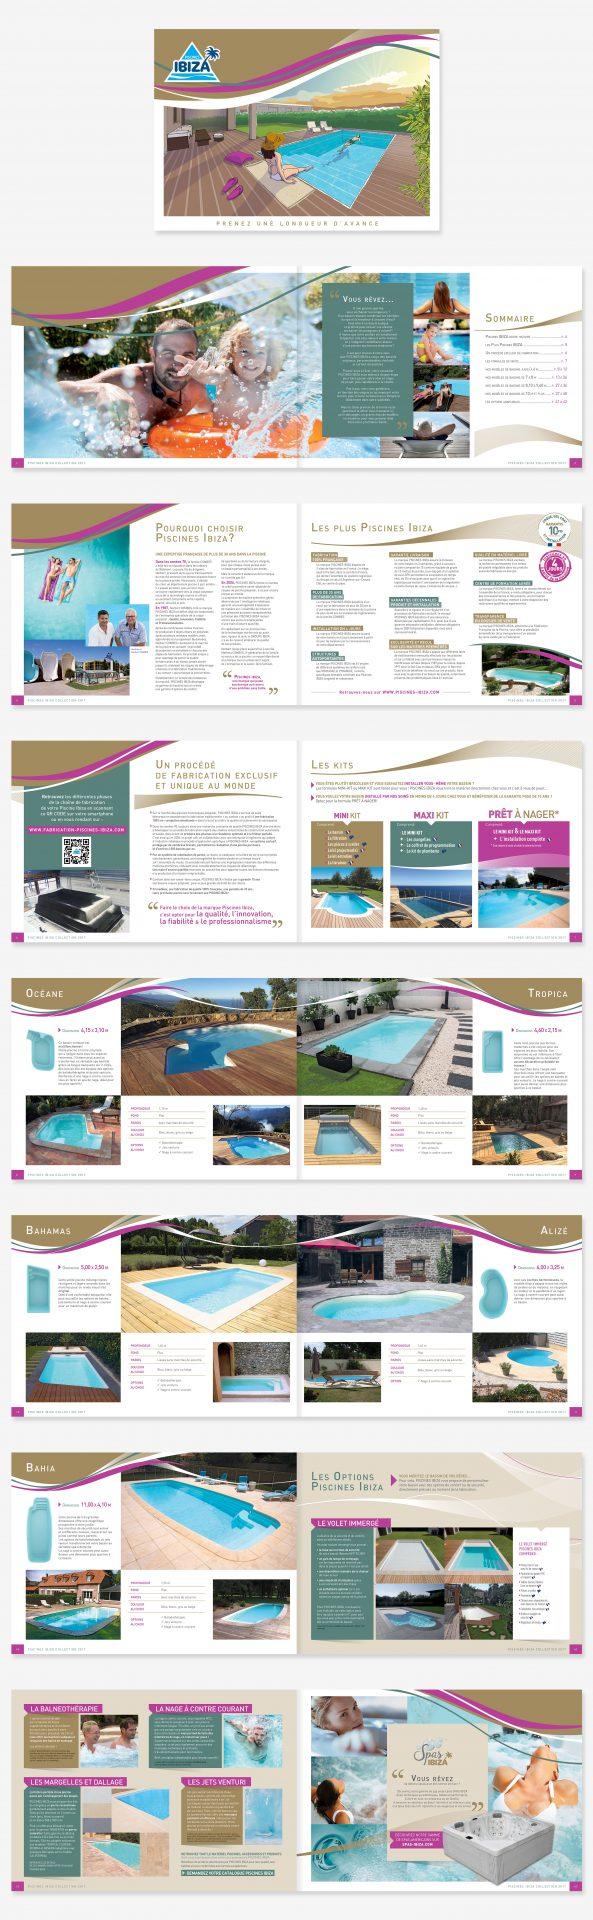 image-ibiza-brochure-luxe.jpg